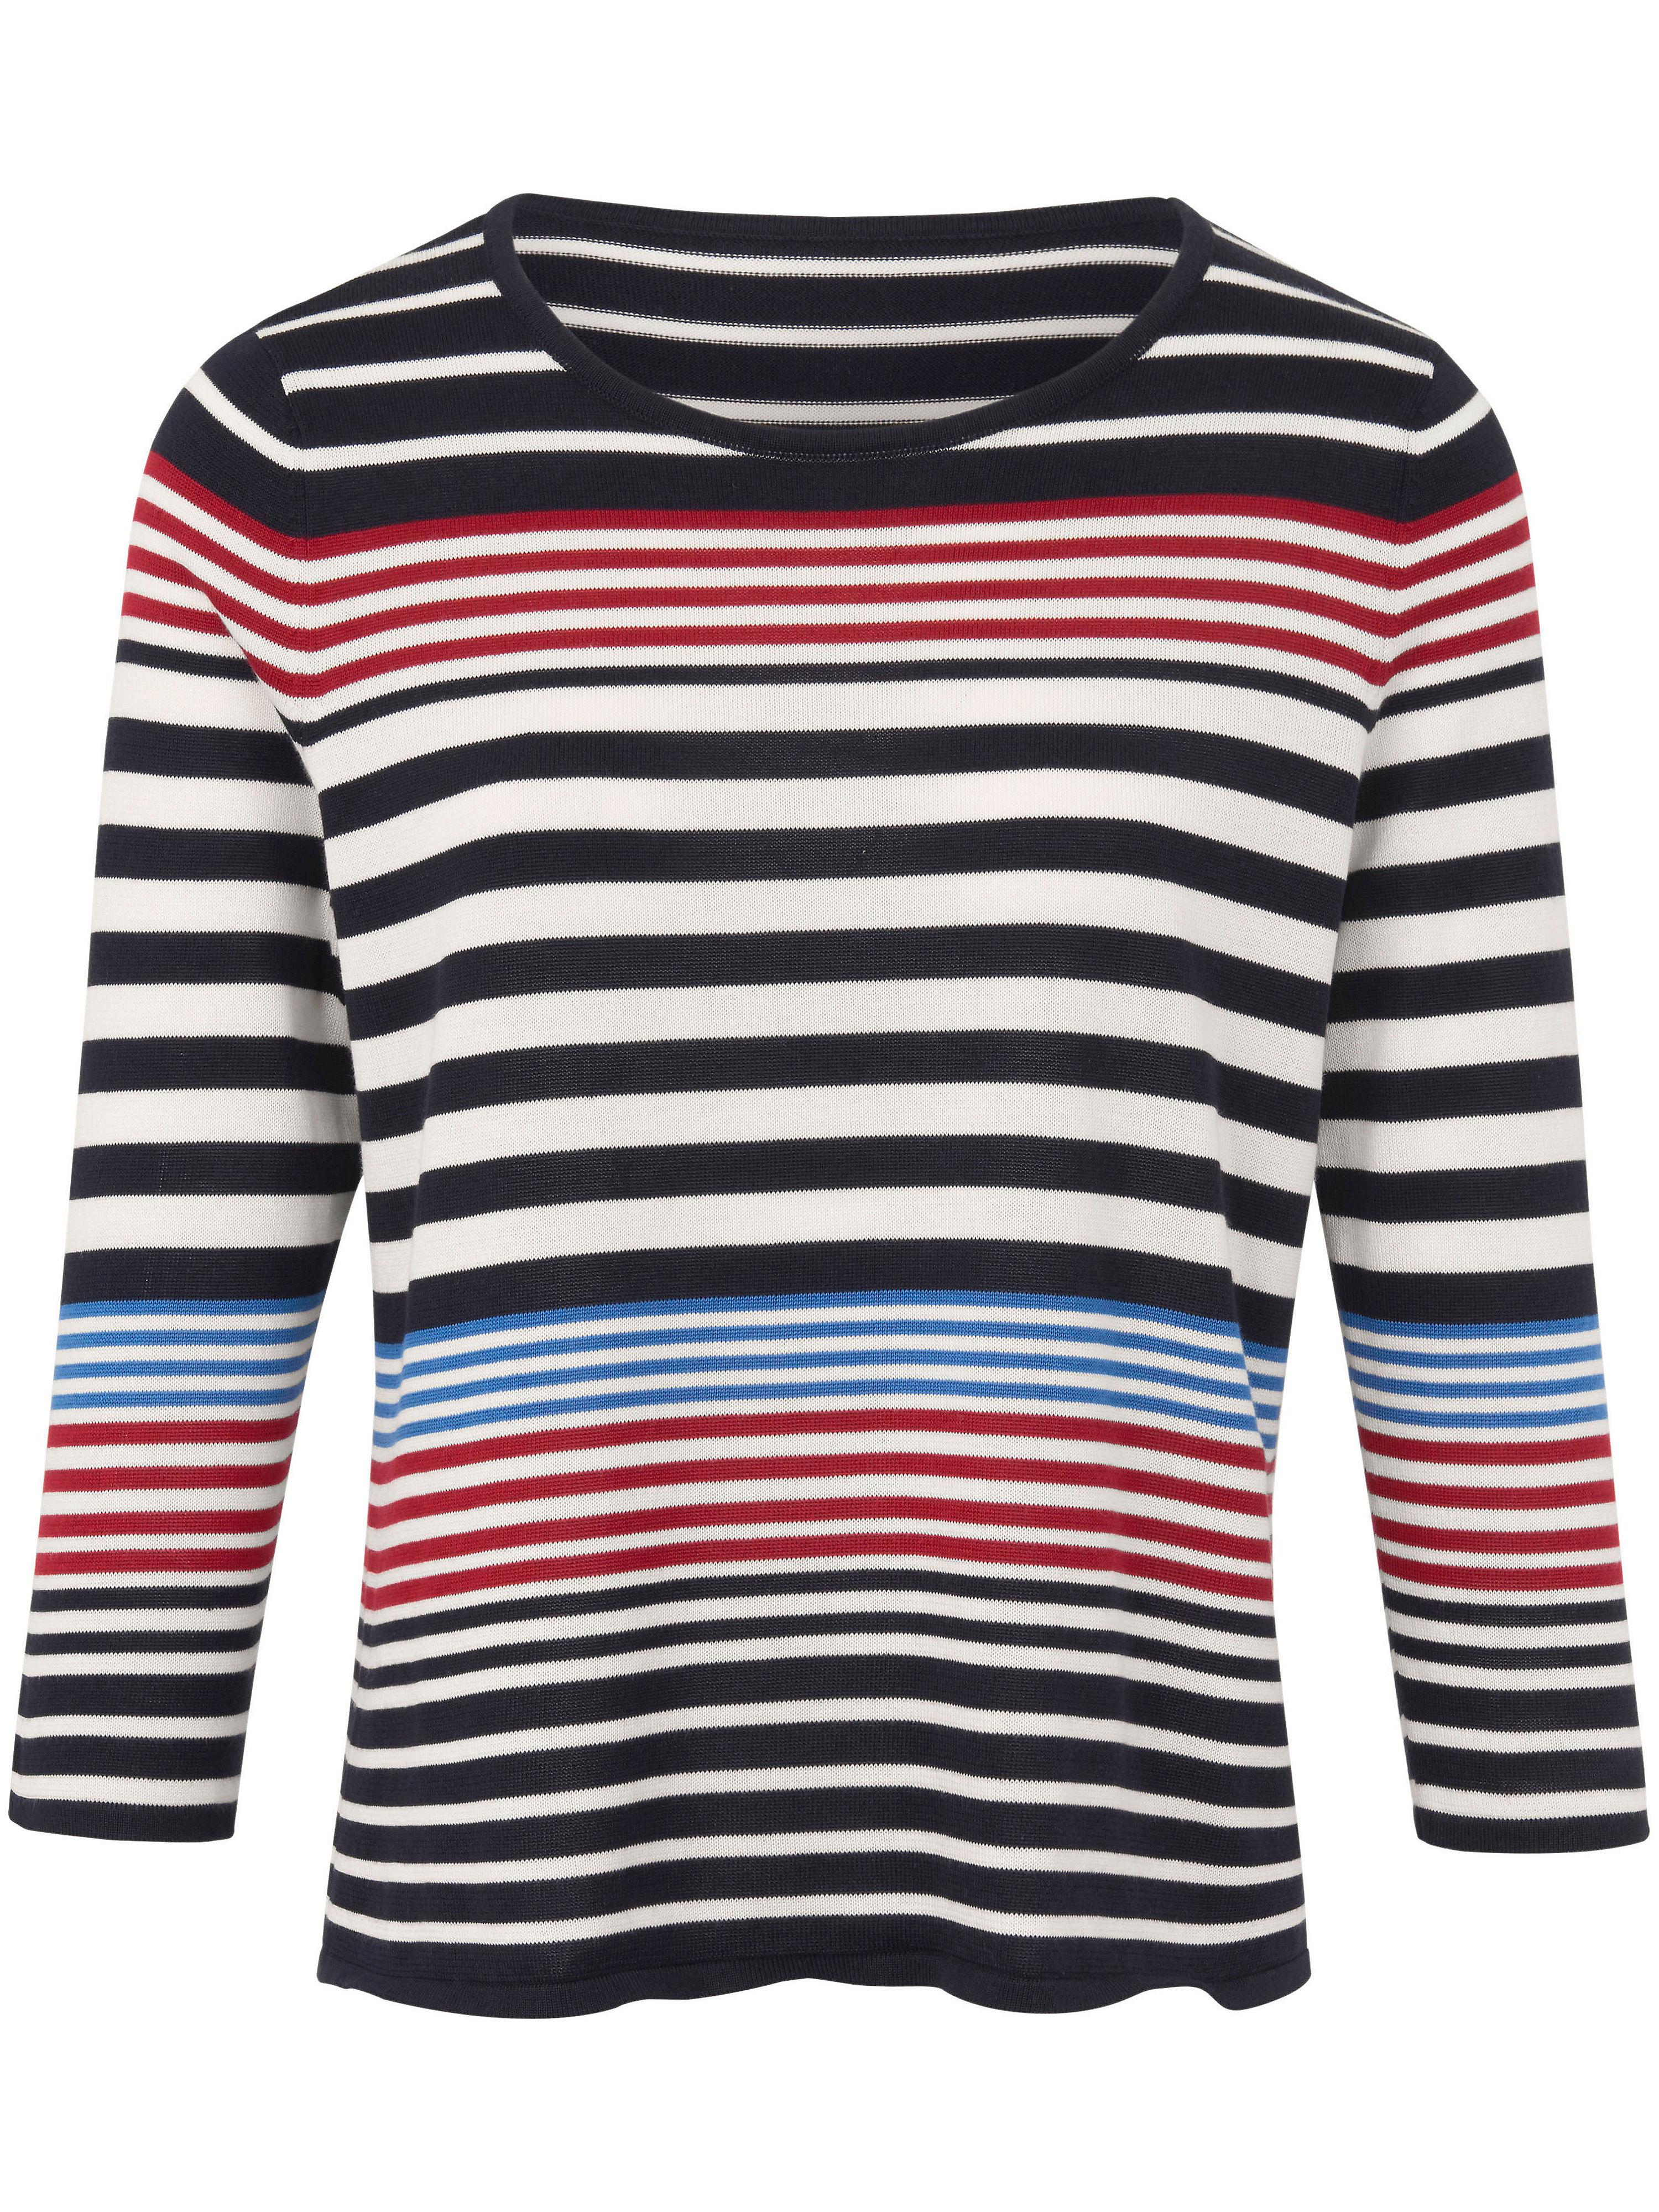 Rundhals-Pullover 3/4-Arm Peter Hahn mehrfarbig | Bekleidung > Pullover | Weiß | Peter Hahn